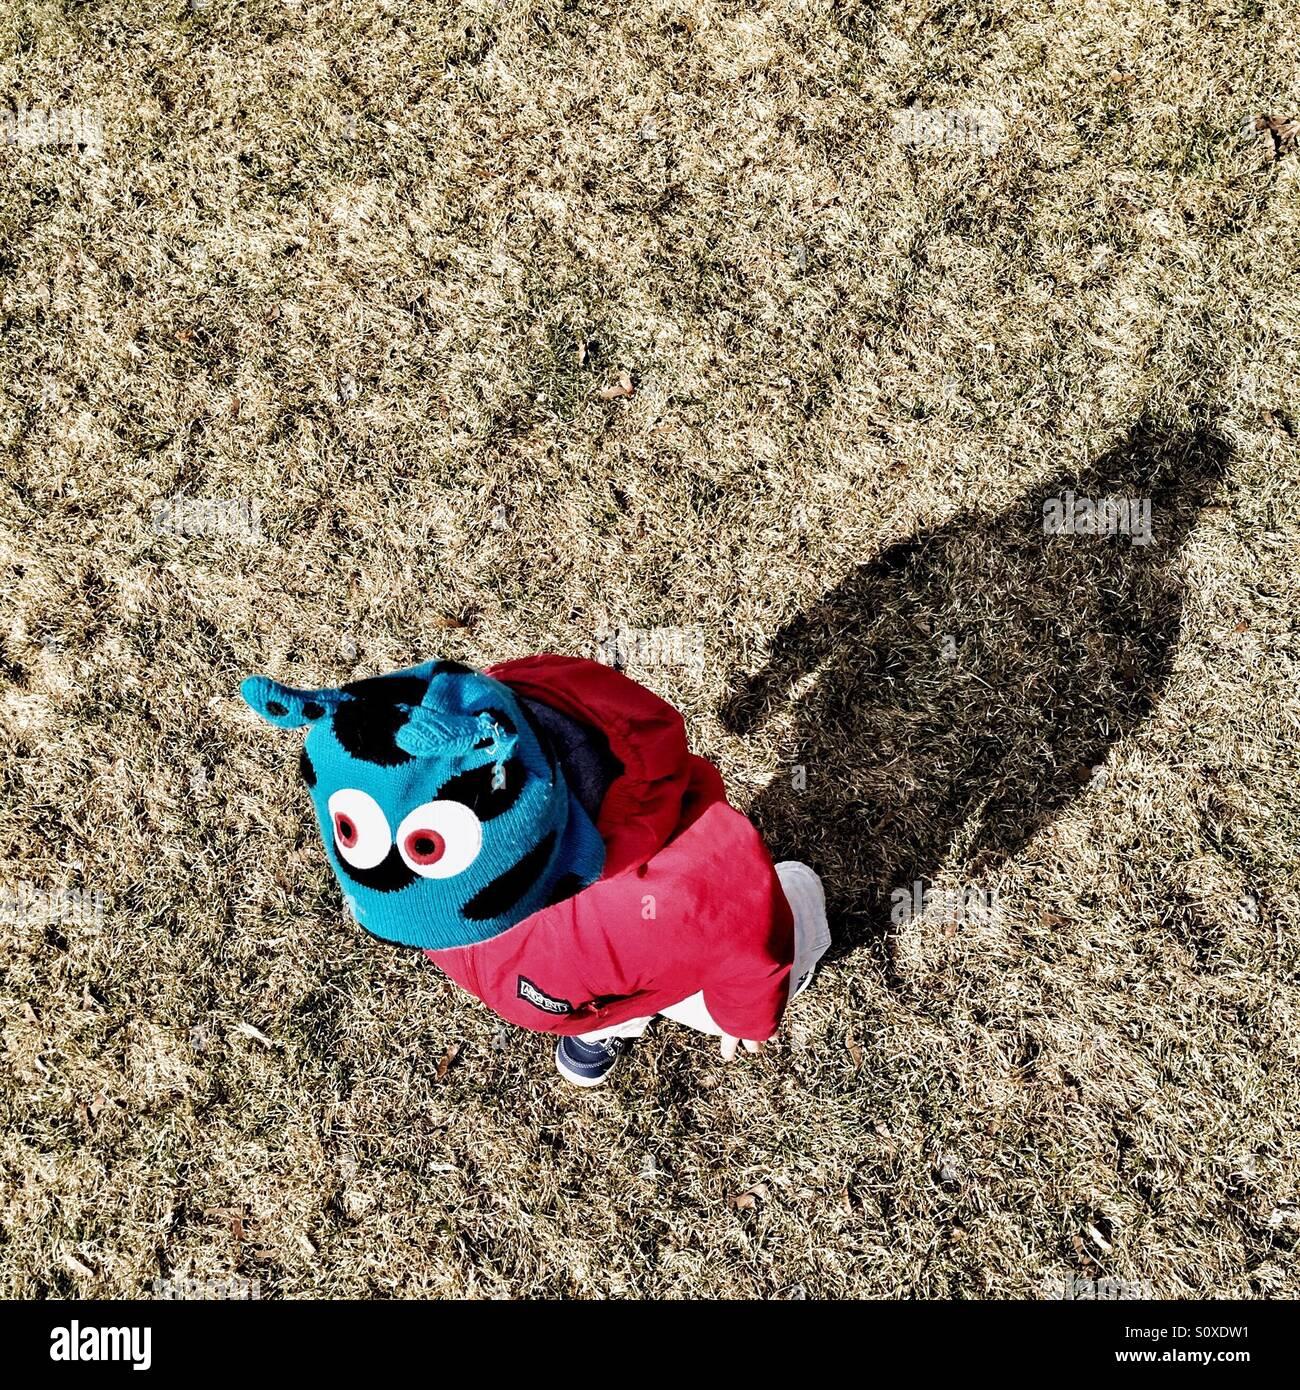 Le port d'un bambin monster hat, suivi par son ombre. Photo Stock